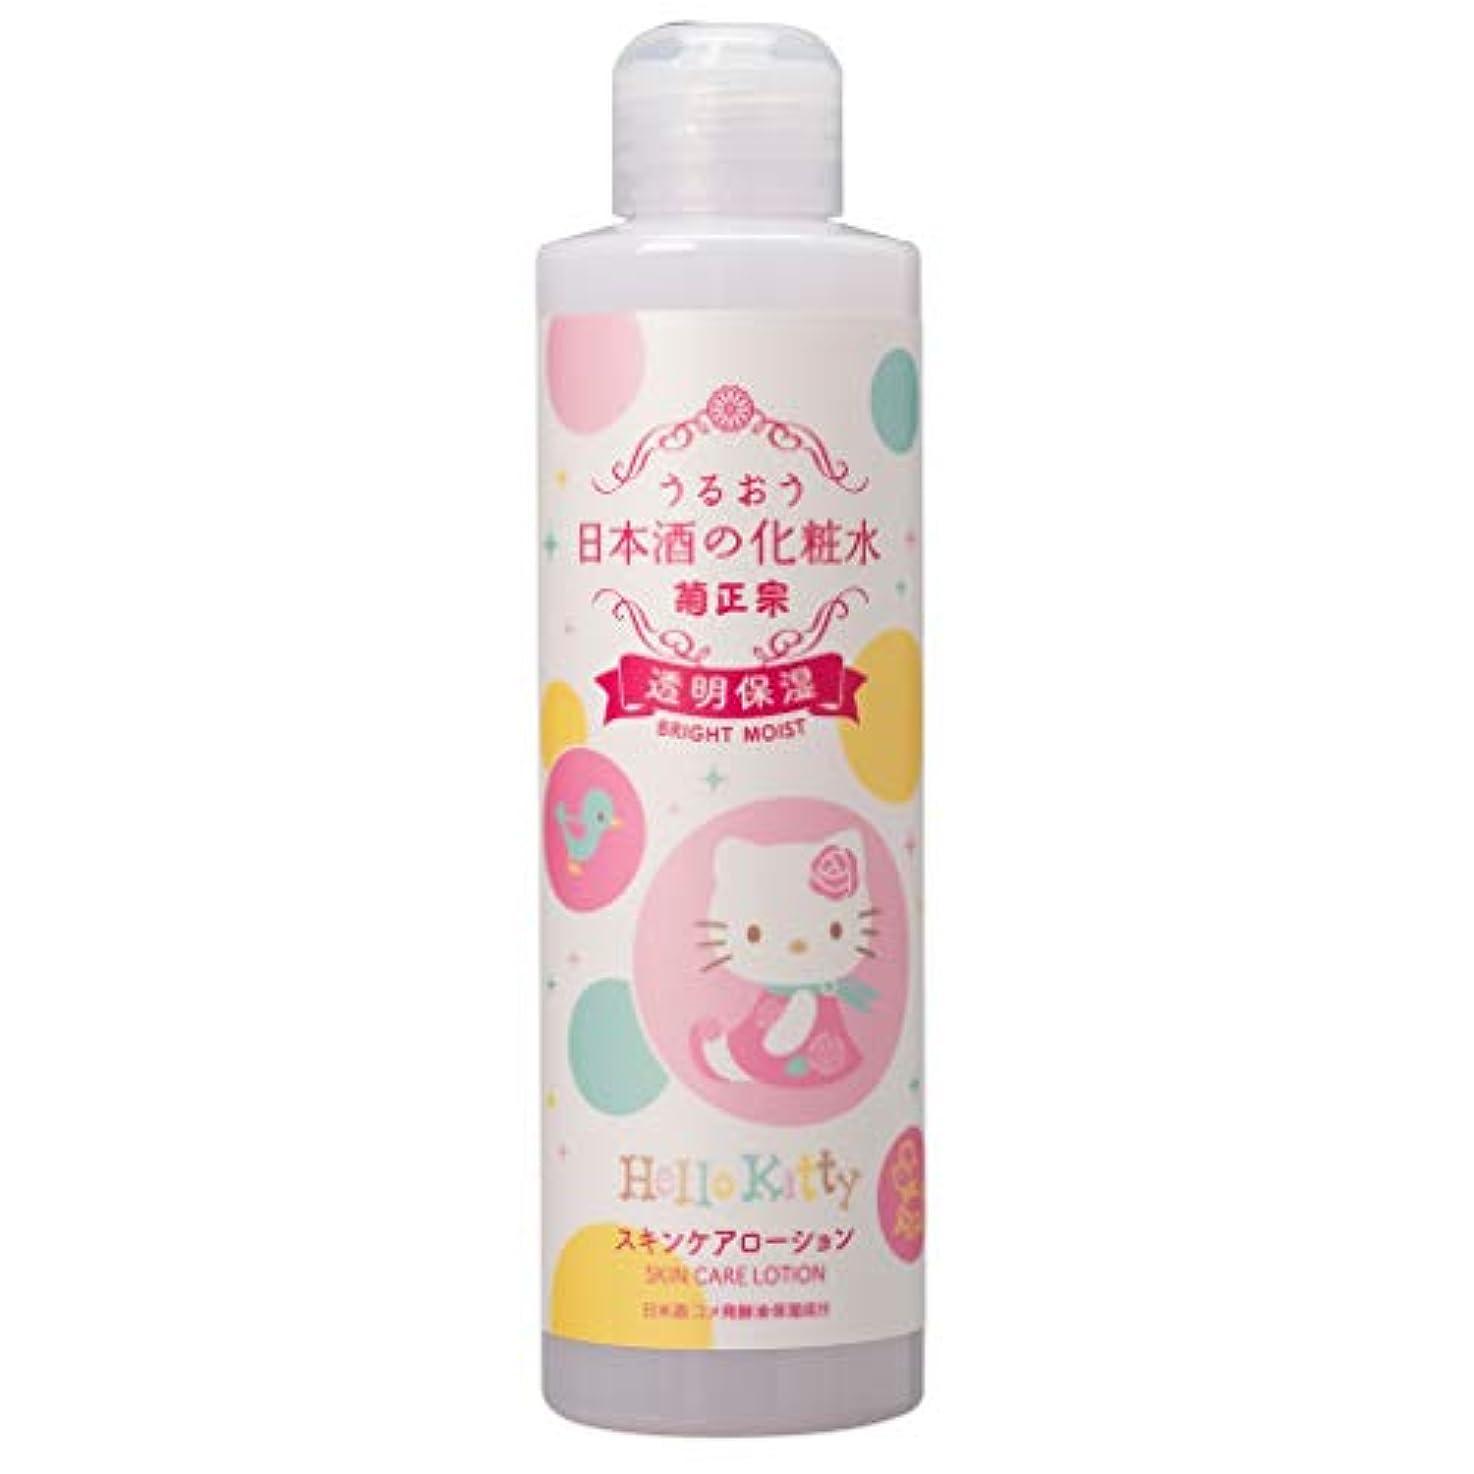 小数不規則性コードレス菊正宗 日本酒の化粧水 透明保湿 キティボトル 200ml